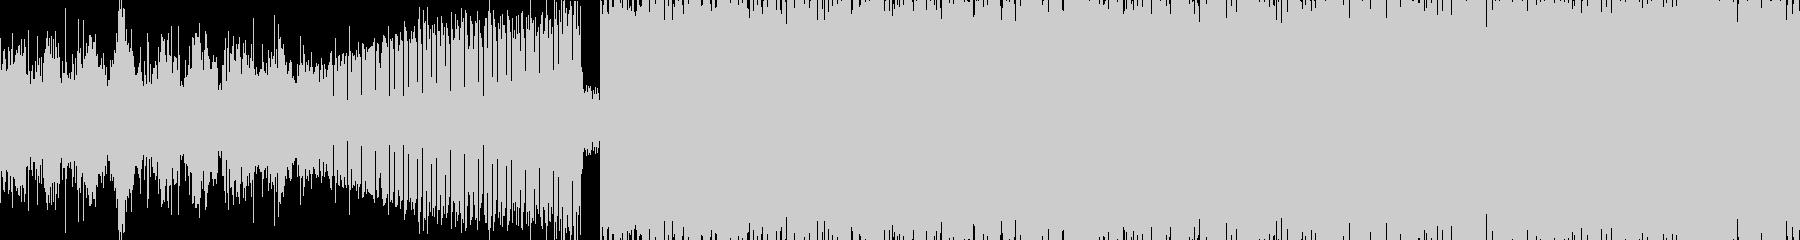 幻想的シンセ・ポップ・癖になるループ素材の未再生の波形